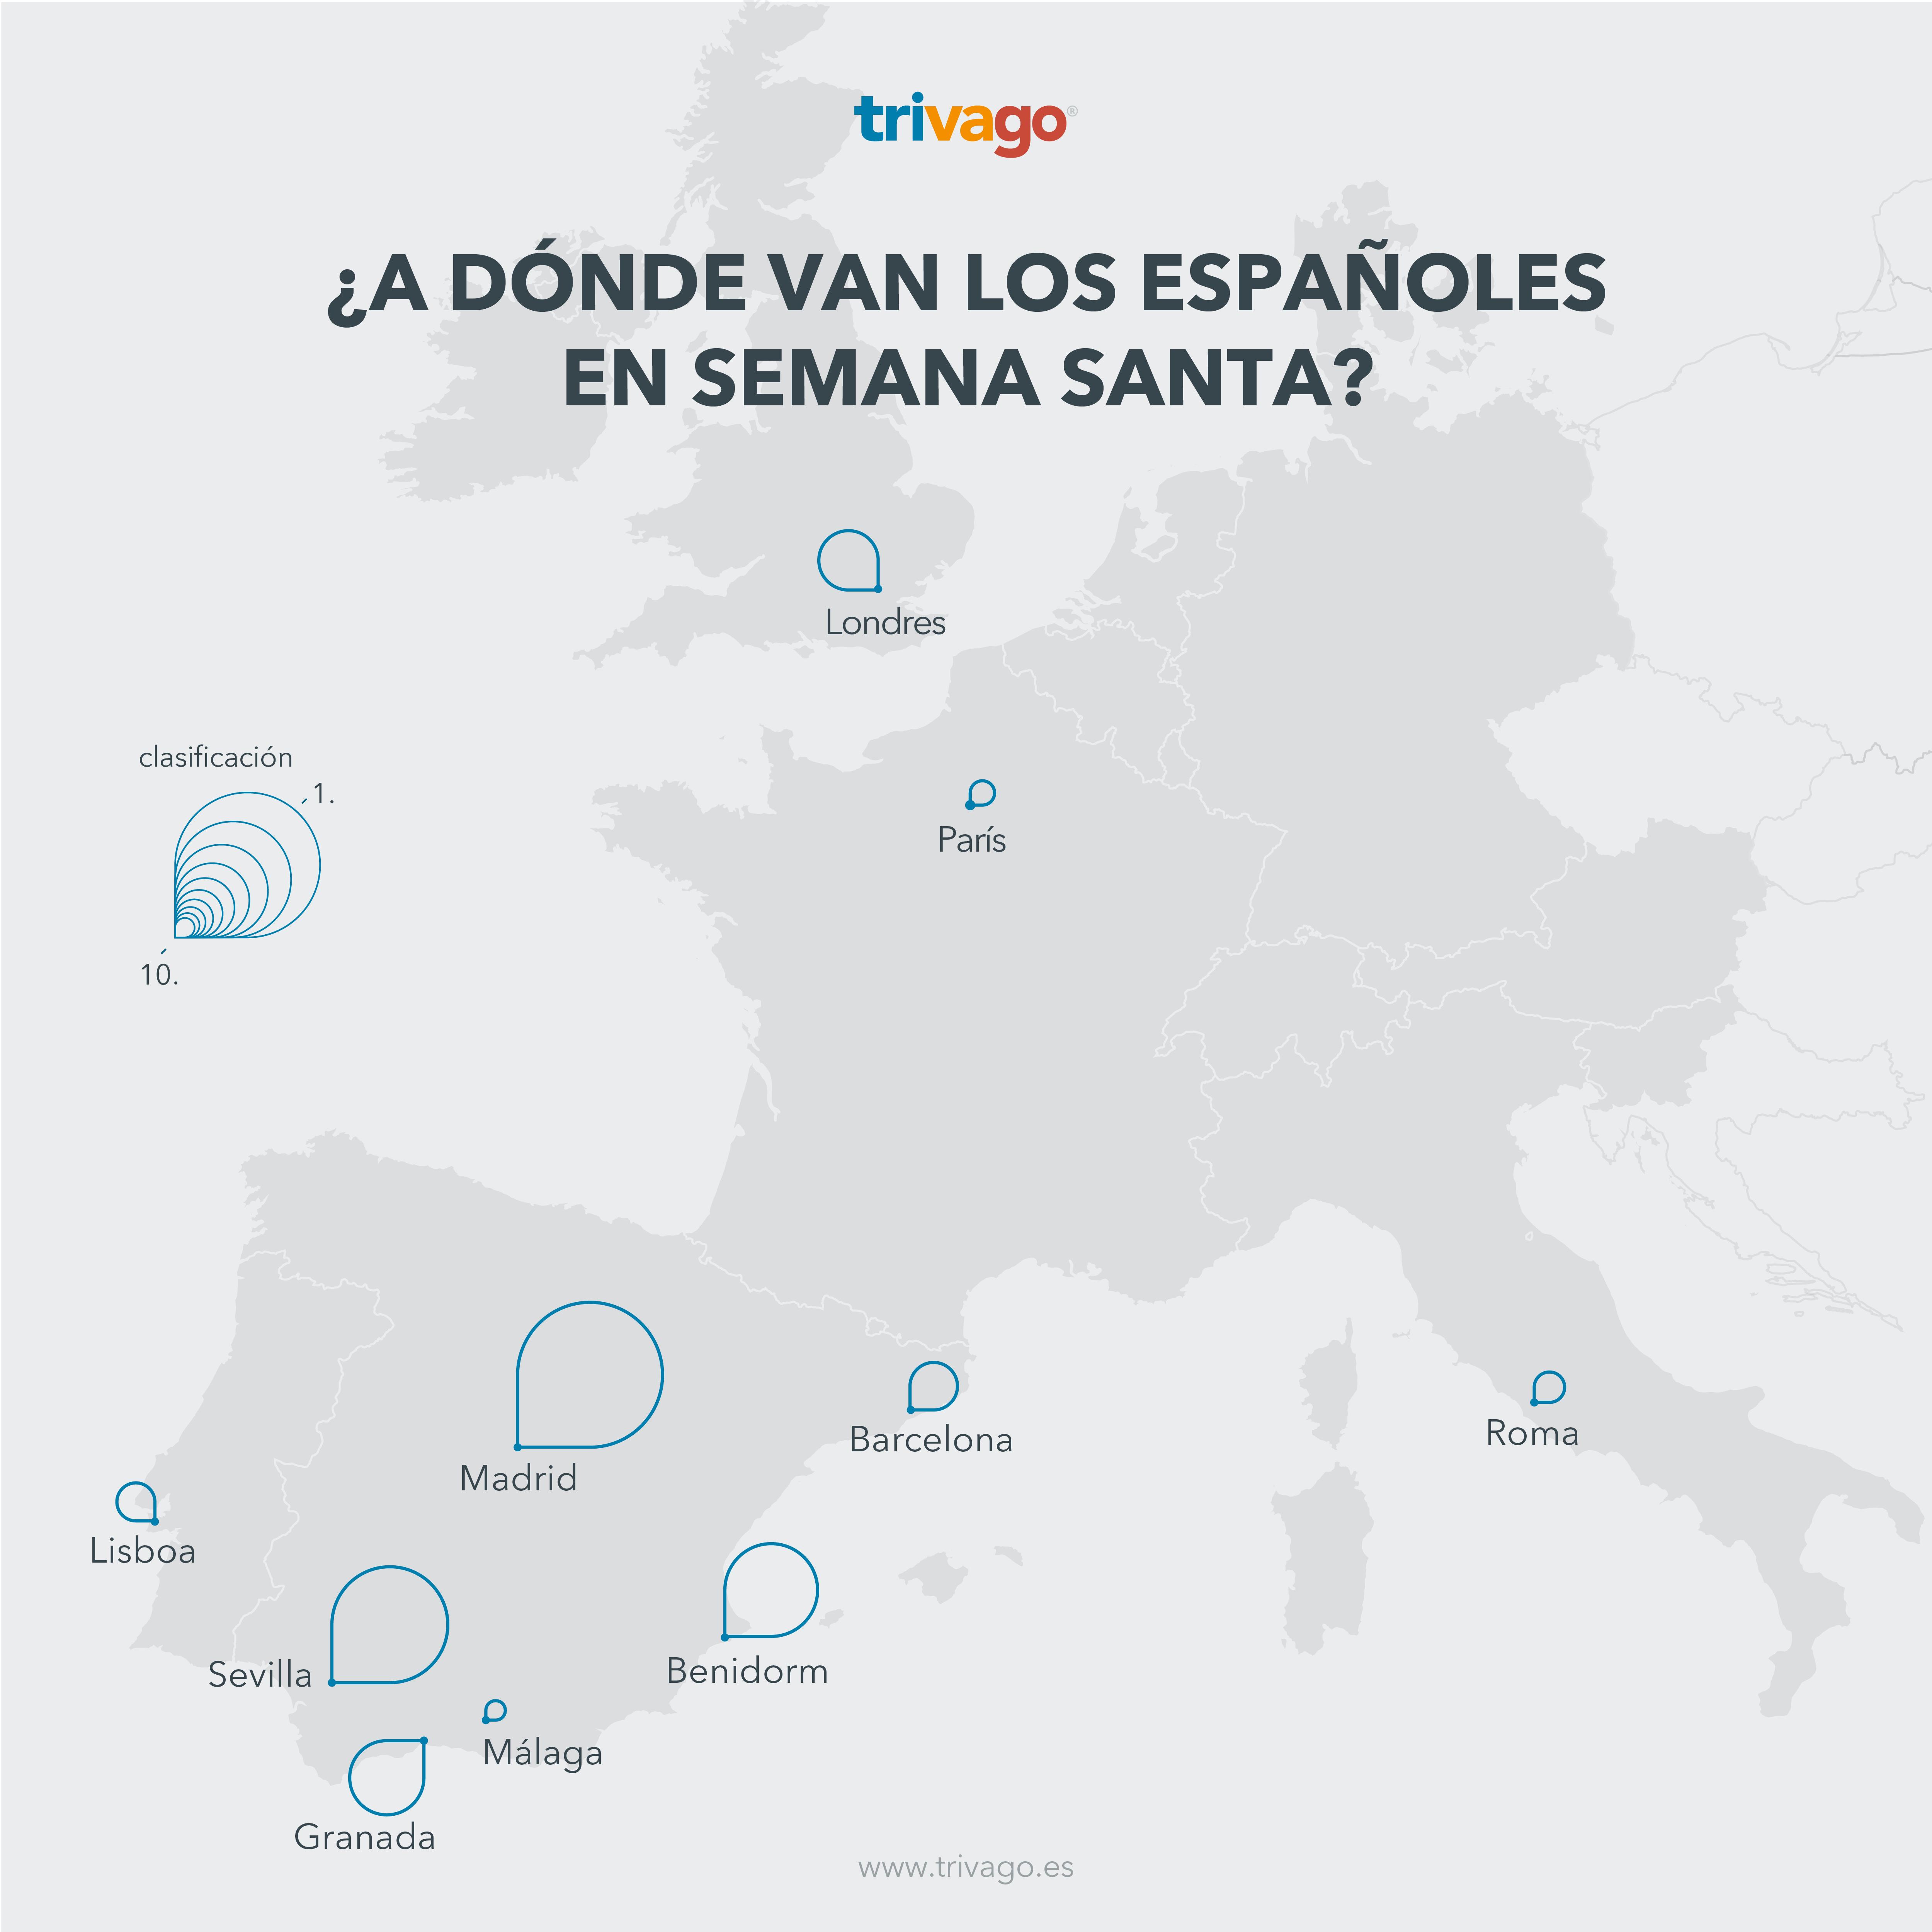 infografia_trivago_busquedas_esp